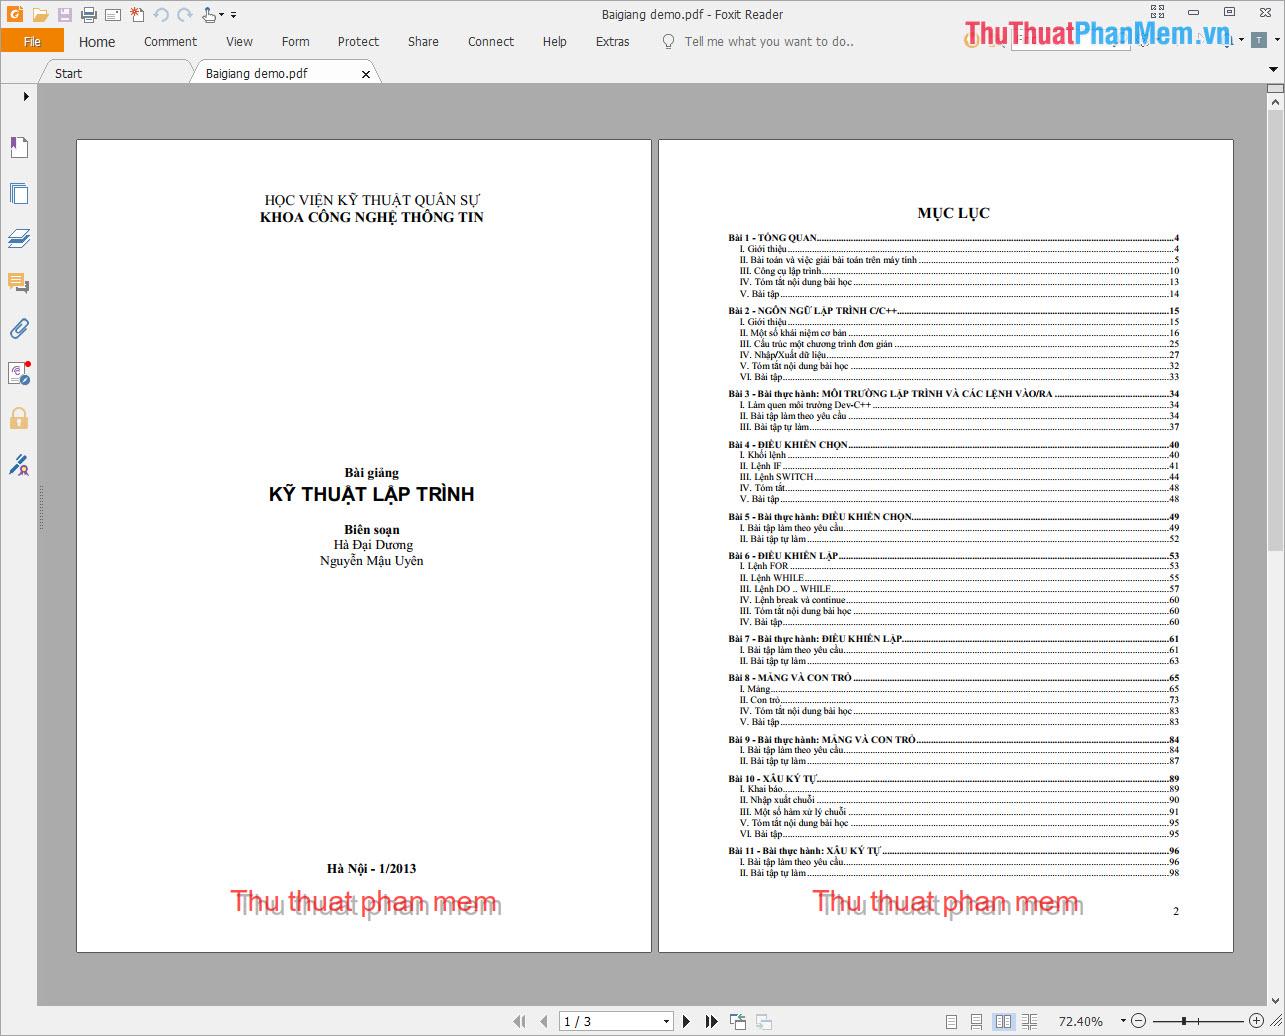 Kết quả sau khi đóng dấu bằng A-PDF Watermark